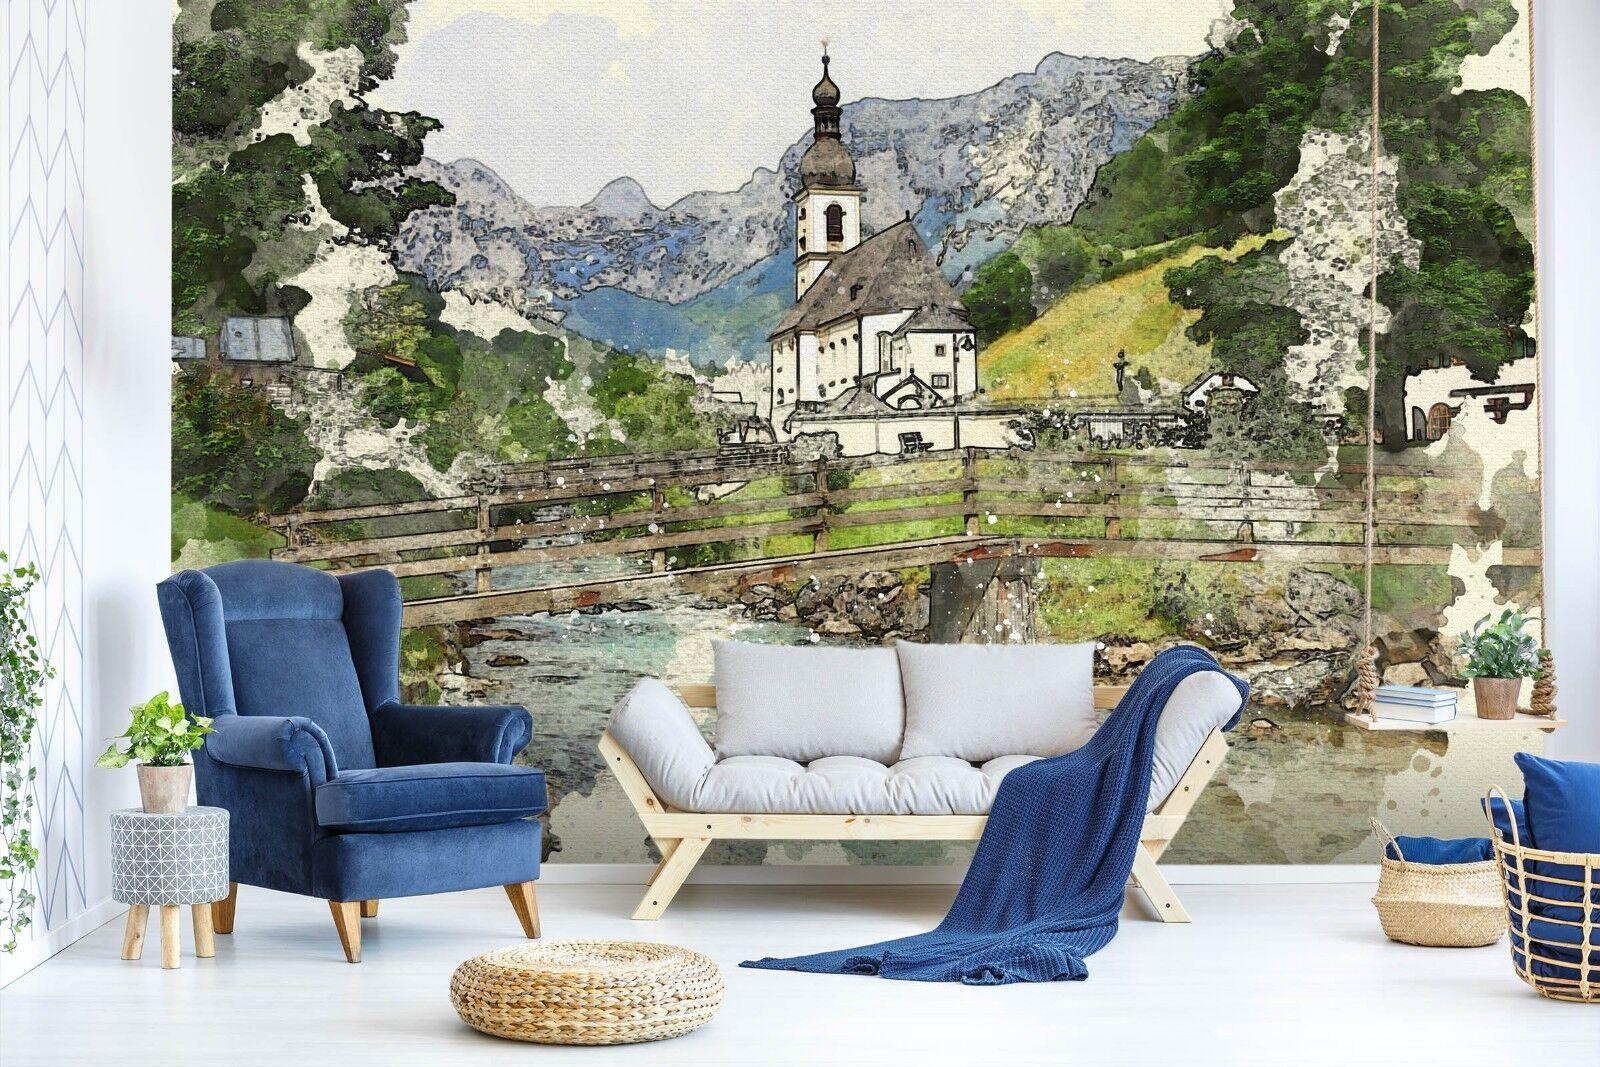 3D Feld Berge Natur 710 710 710 Tapete Wandgemälde Tapete Tapeten Bild Familie DE Sidney eb5fcb